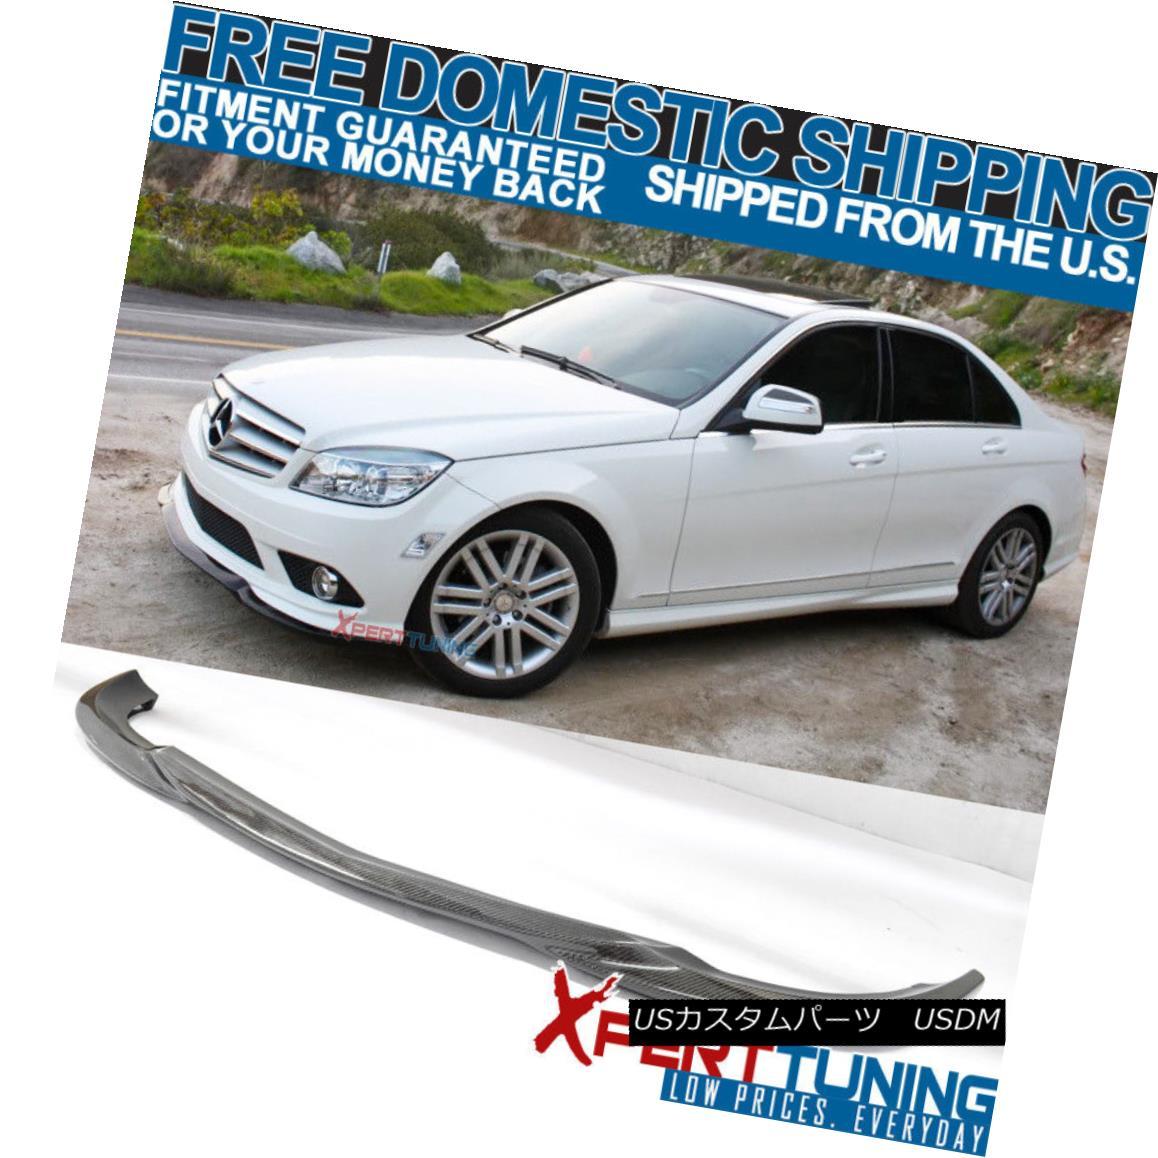 エアロパーツ Fit For 08-11 Benz C-Class W204 AMG Carbon Fiber CF Front Bumper Lip Spoiler フィット8-11ベンツCクラスW204 AMGカーボンファイバーCFフロントバンパーリップスポイラー